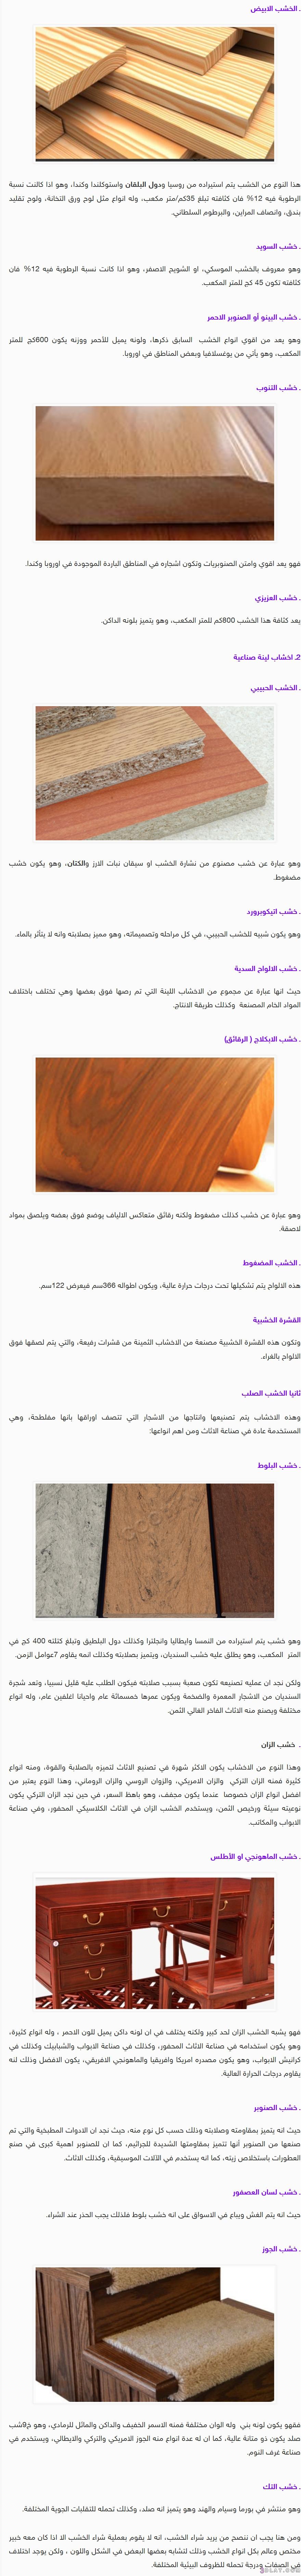 أنواع, الخشب, انواع, بالصور, واستخداماته